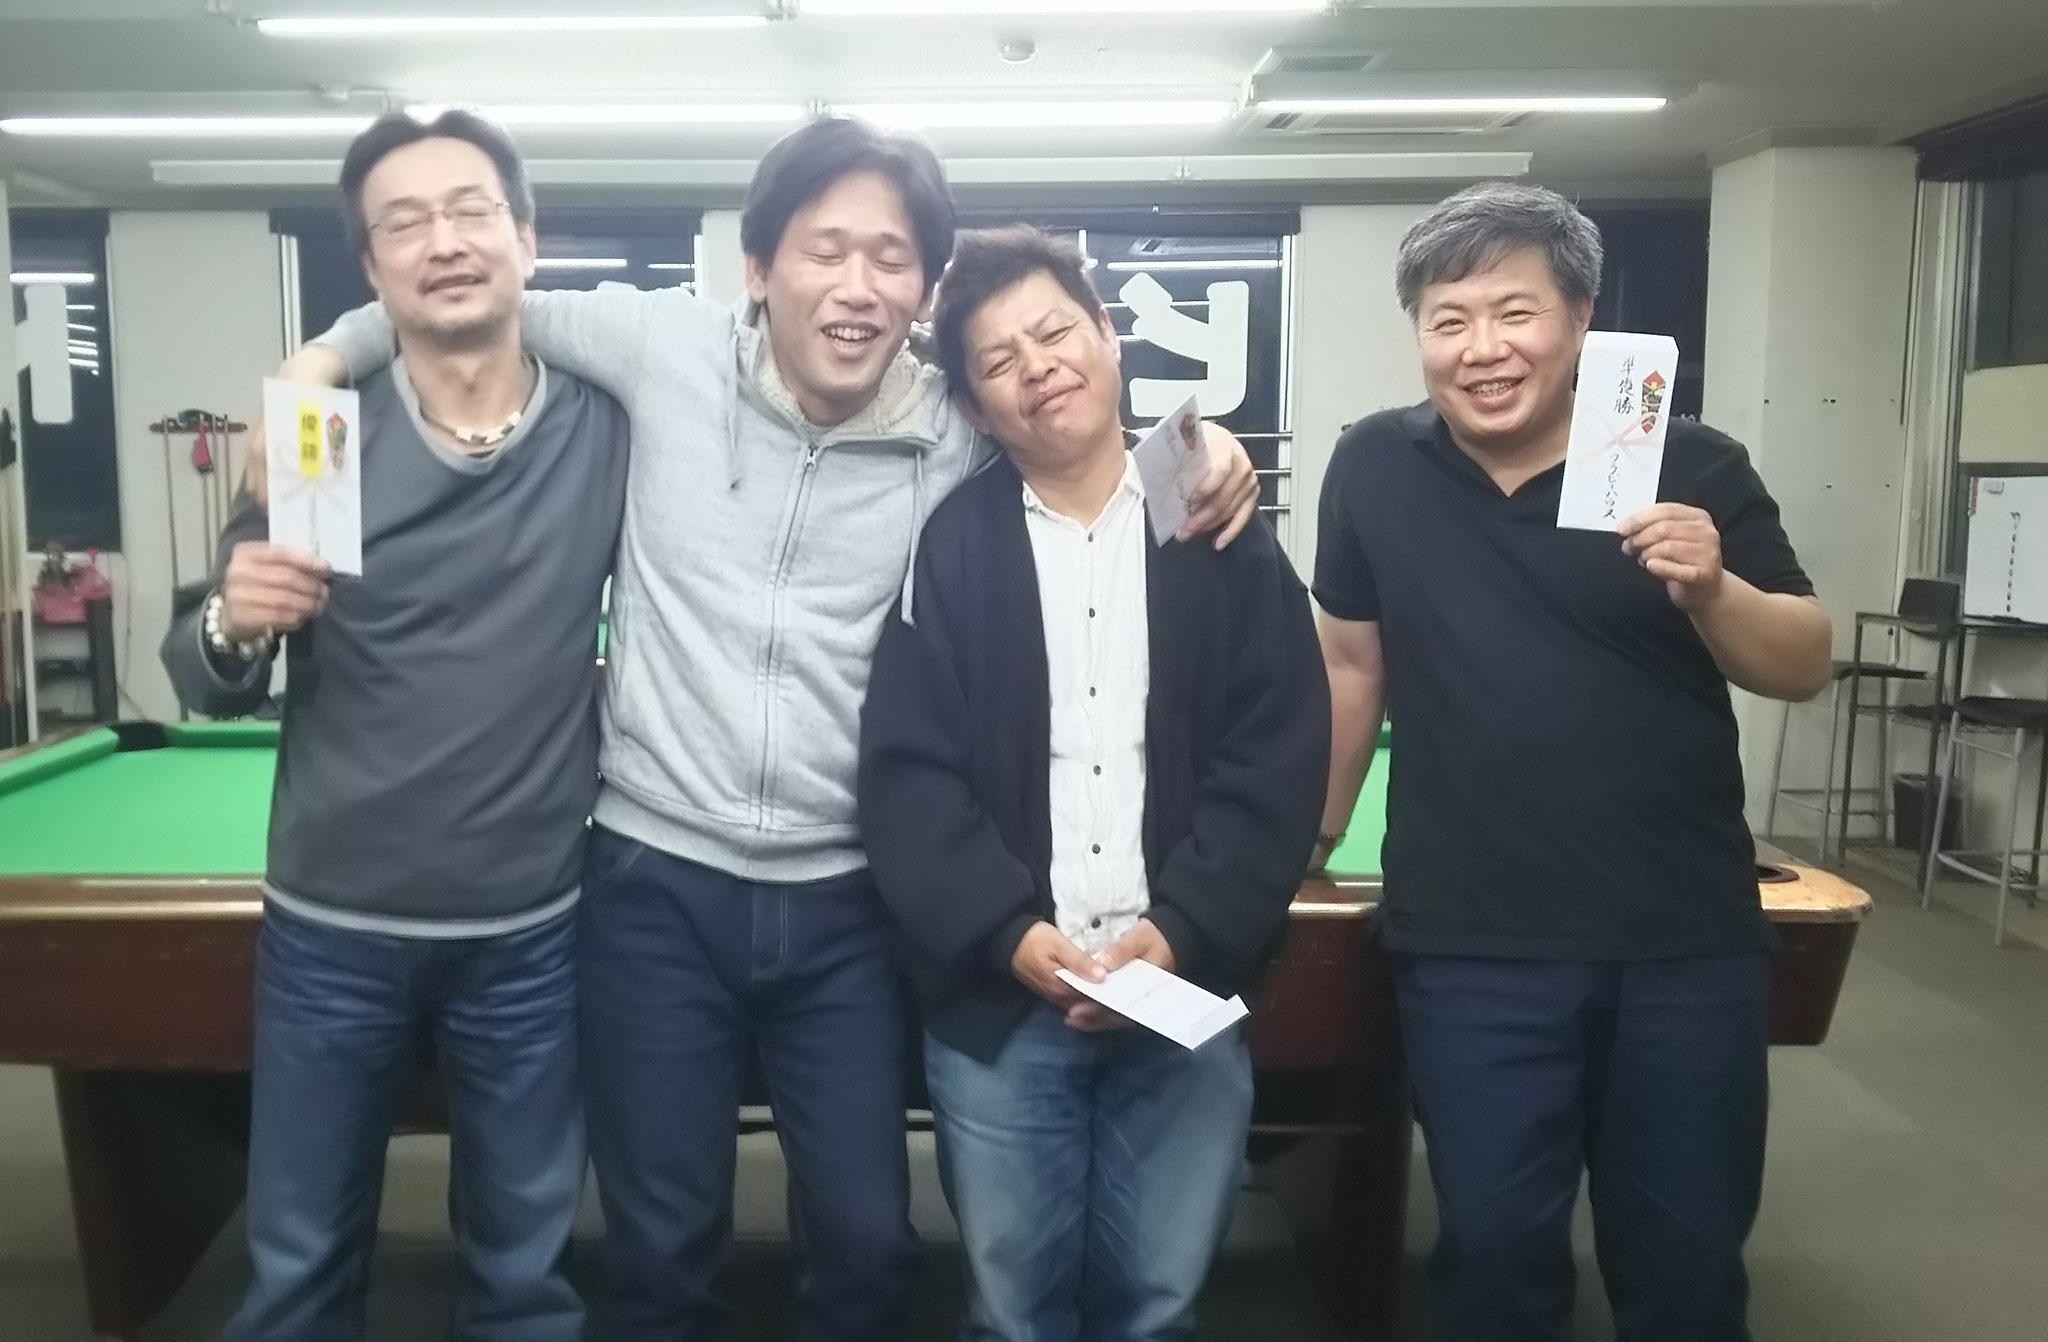 優勝毛利さん 剛一朗&ぐっさん 準優勝川野さん なんで3位二人が真ん中やねーん(笑)